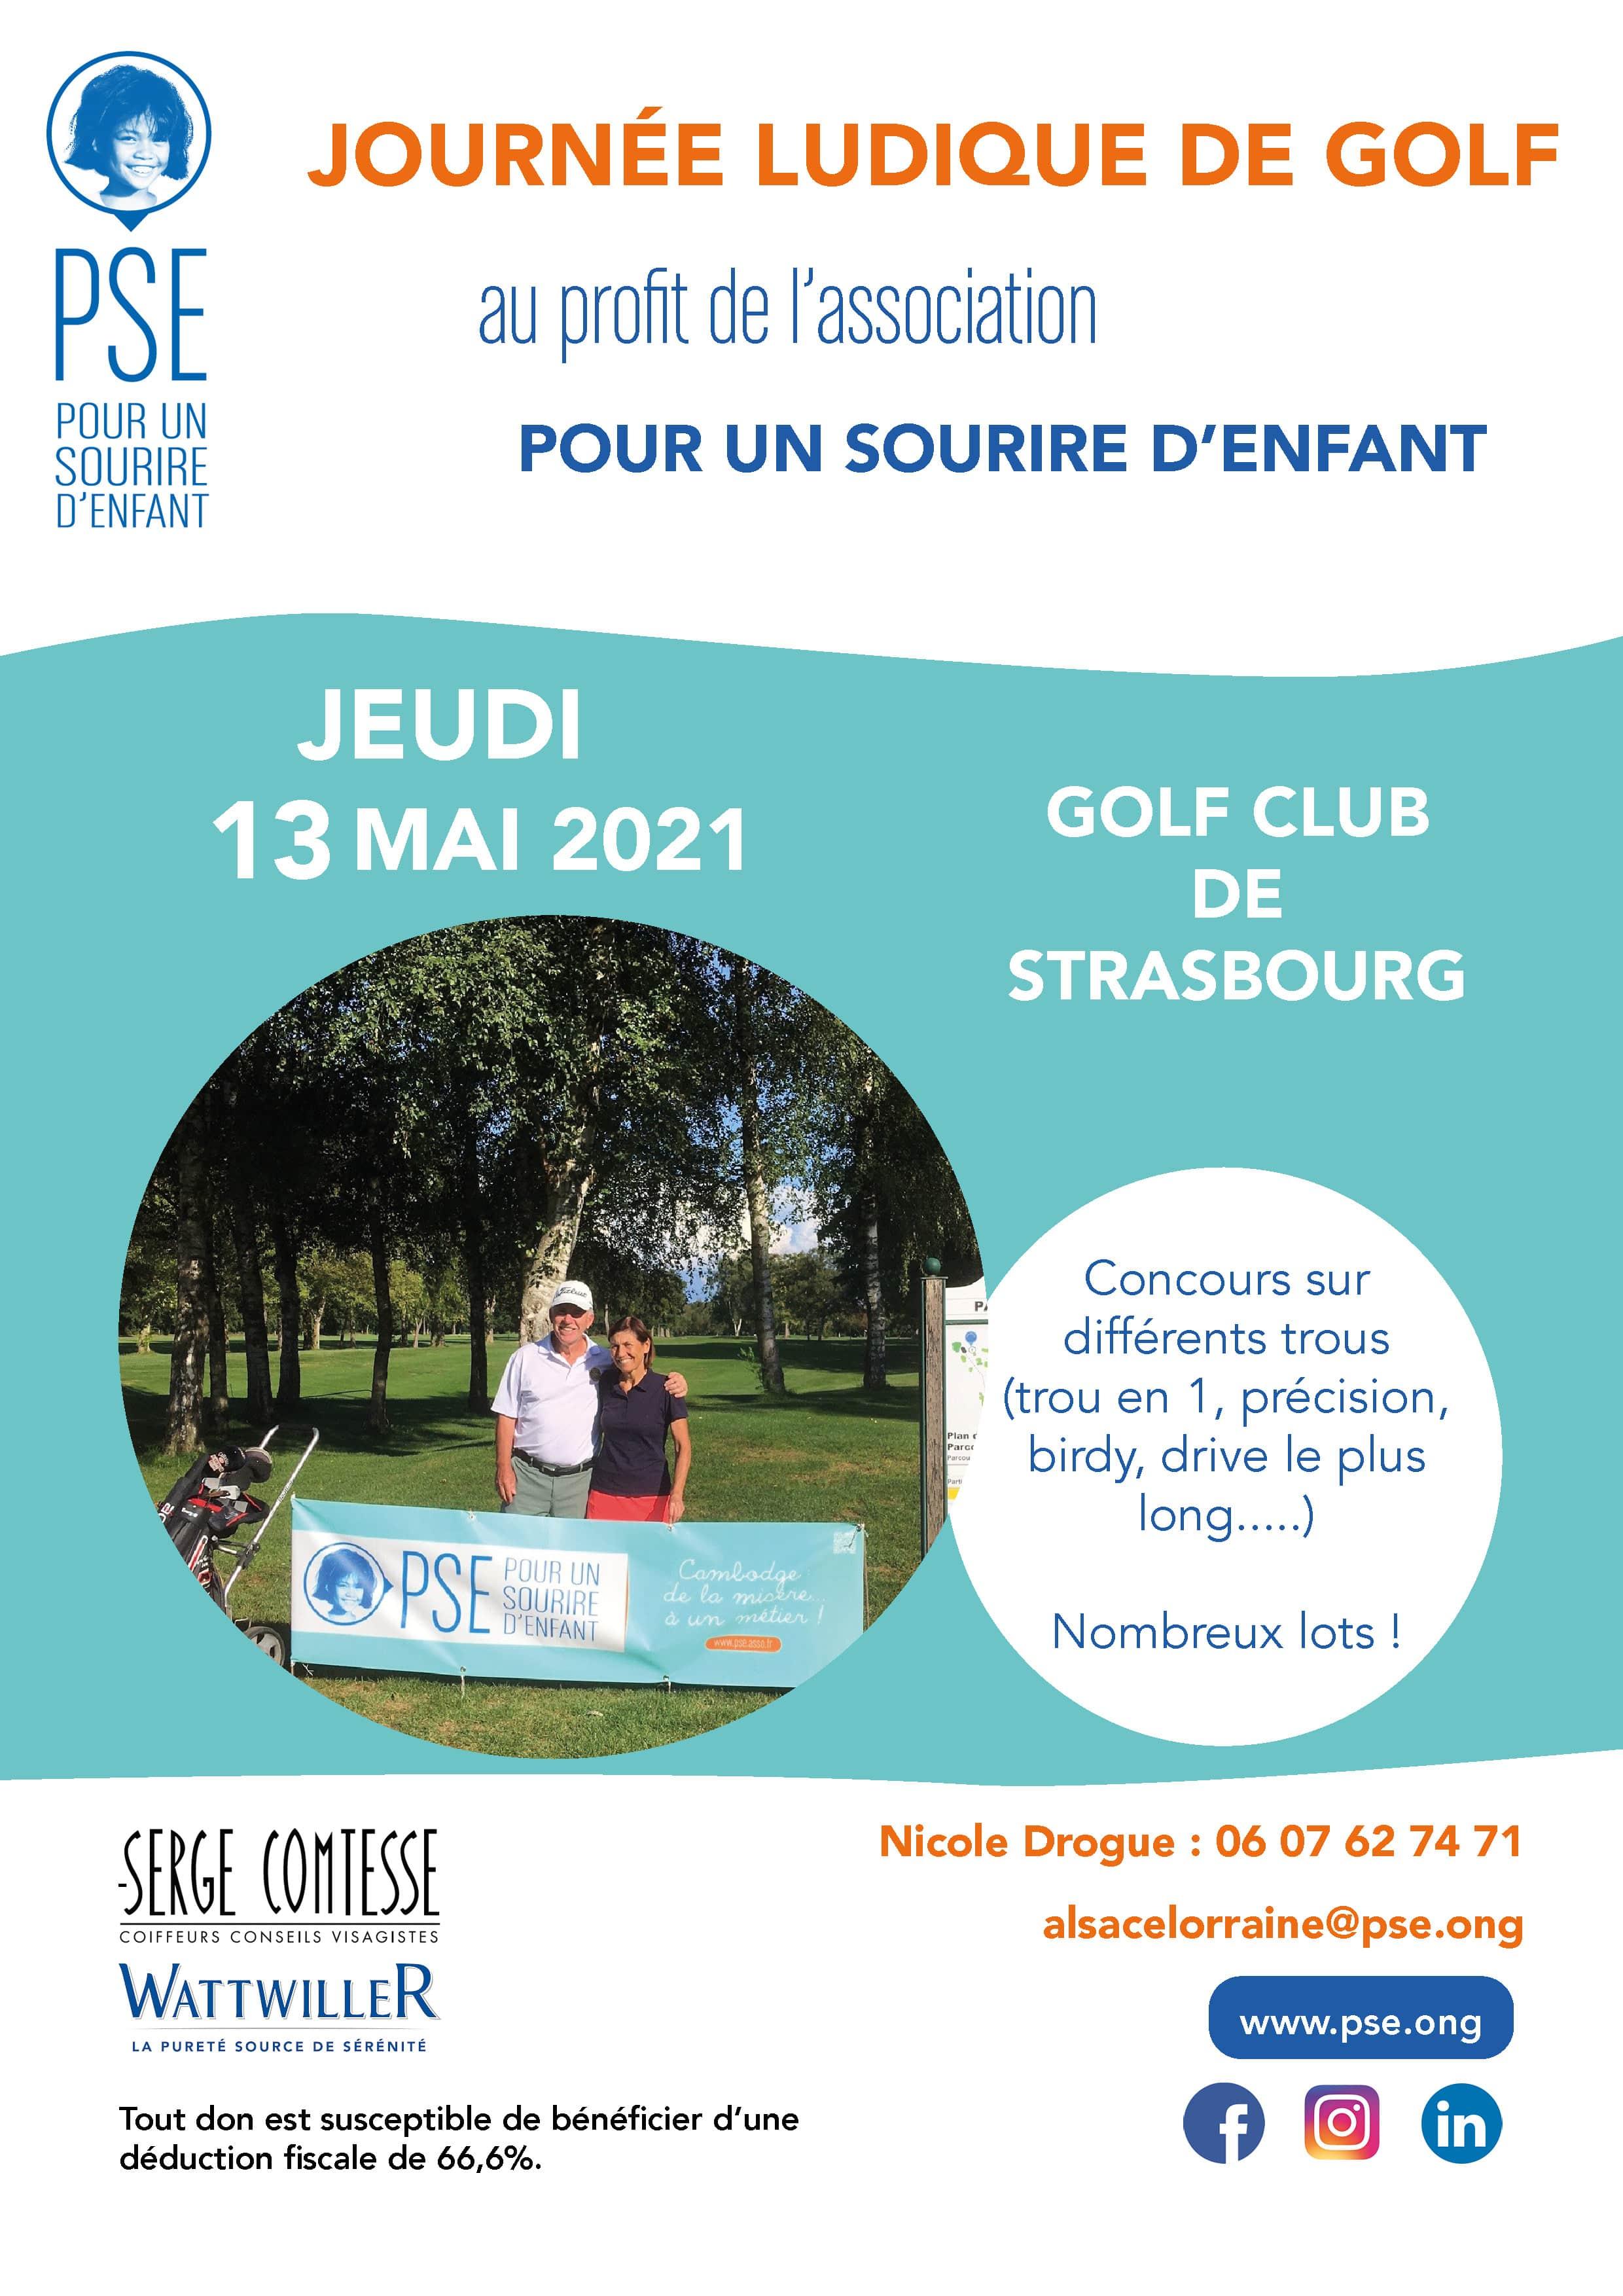 Affiche Journée ludique de golf 2021